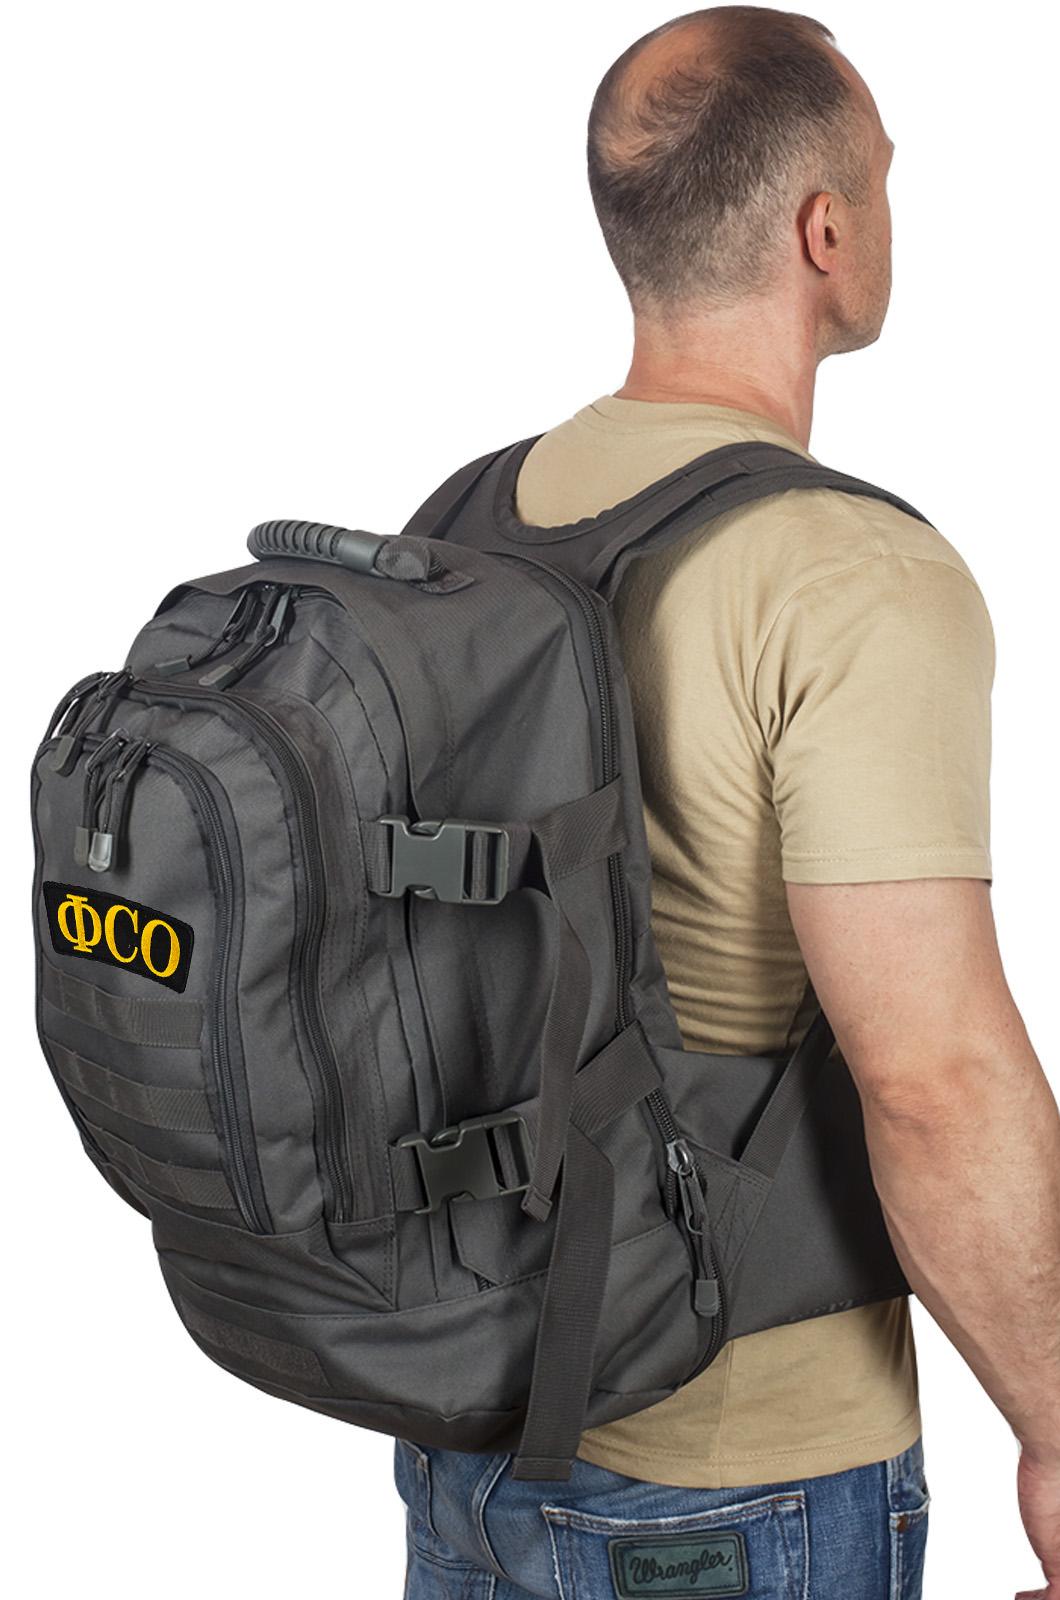 Рейдовый универсальный рюкзак ФСО - заказать оптом